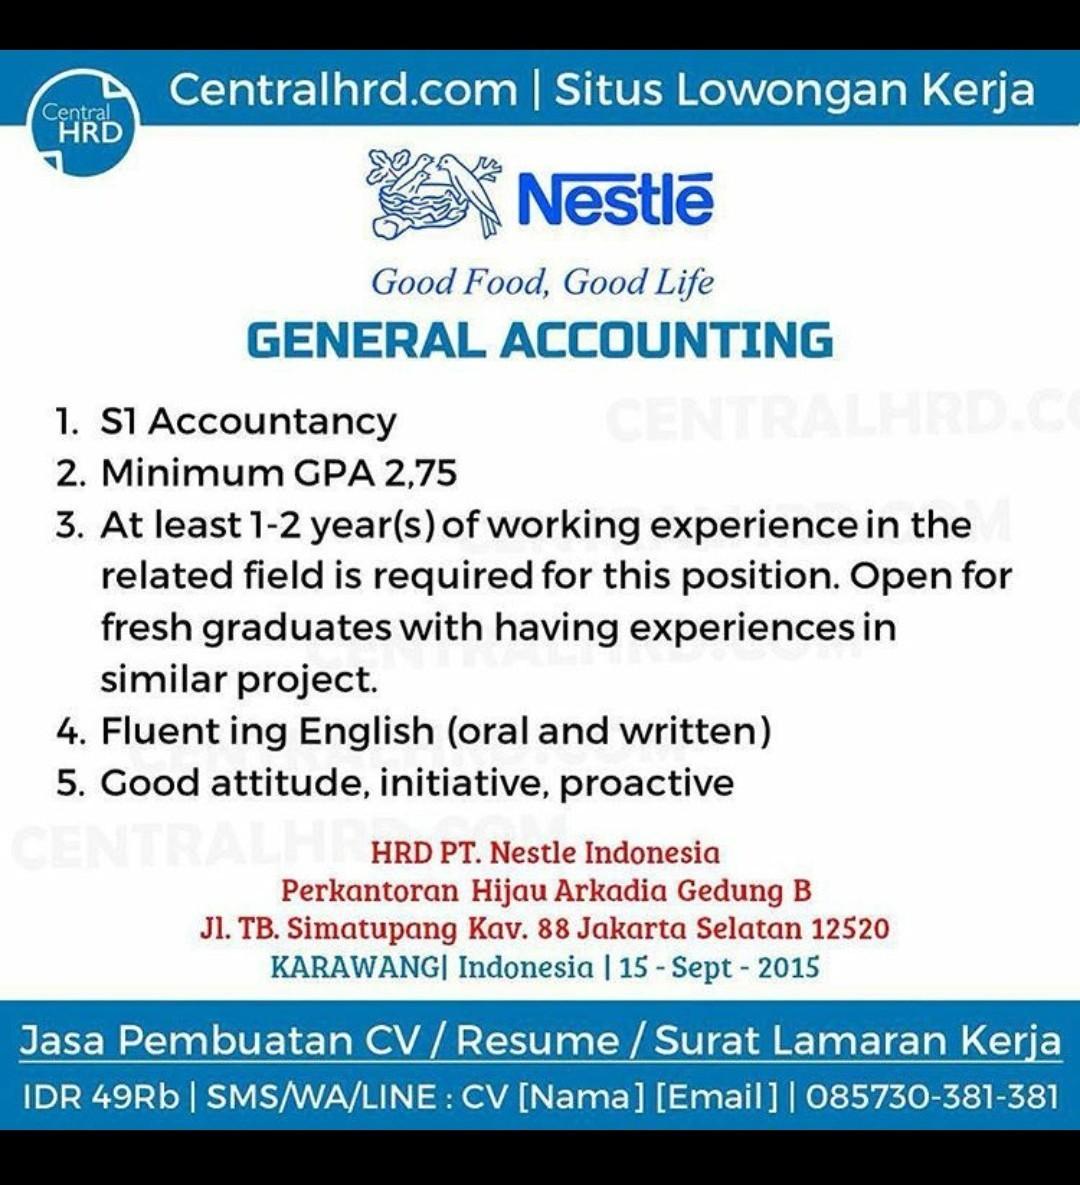 Contoh Lowongan Kerja Accounting Dalam Bahasa Inggris